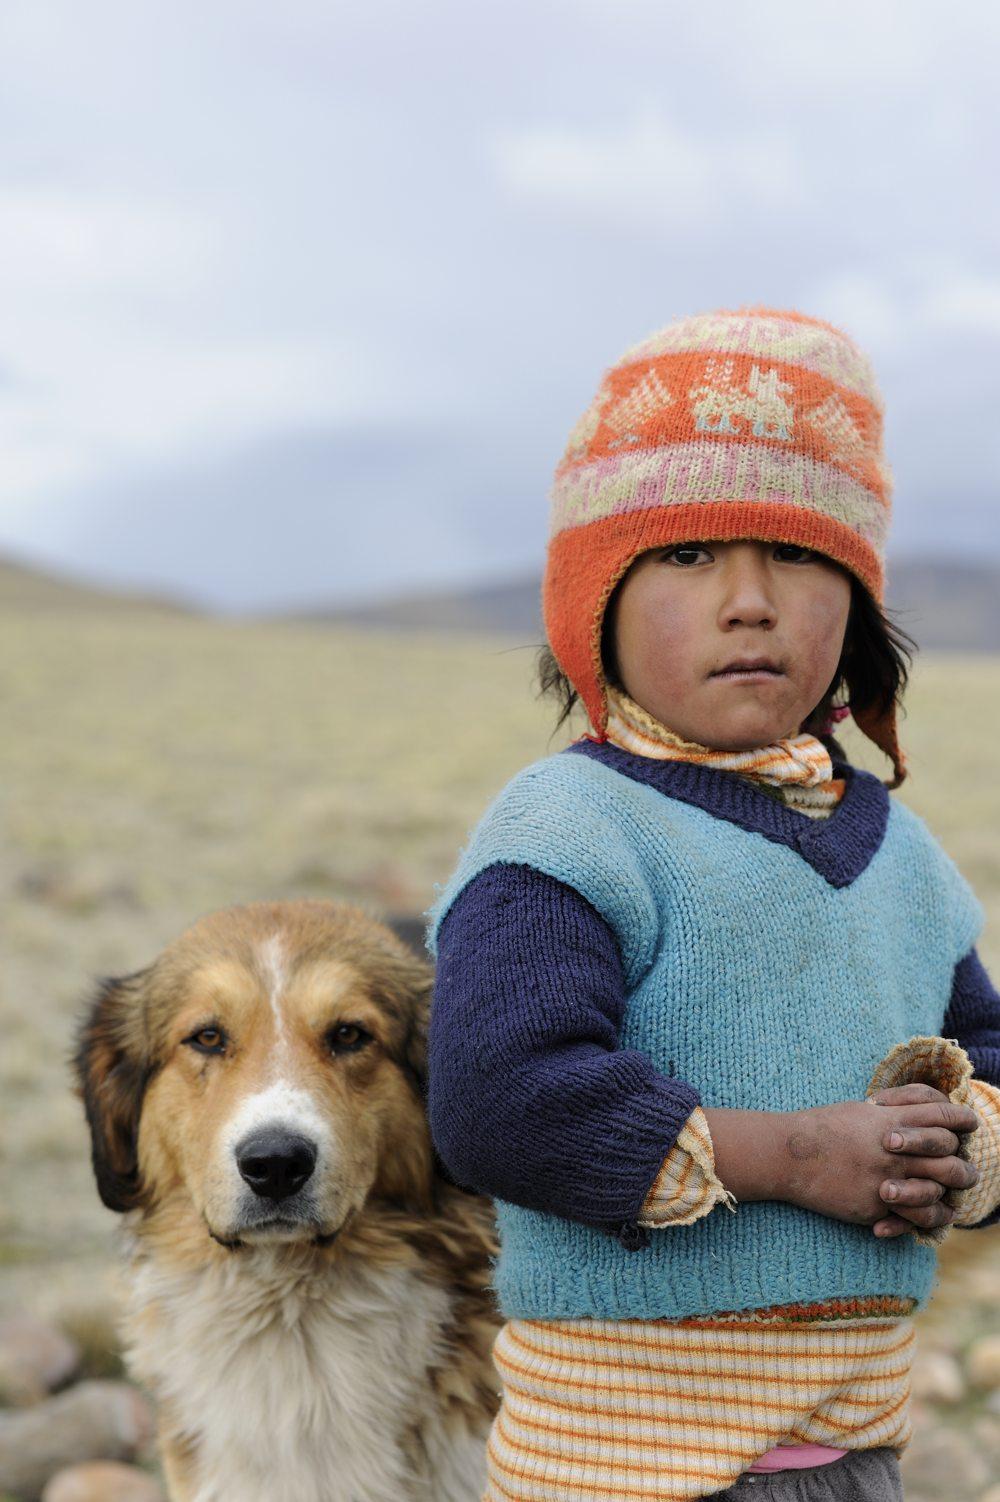 COA-by-Thijs-7  Hoog in de bergen in Peru, ten zuiden van Cuzco, stuitte ik op een kudde alpaca's die door twee jongetjes en een paar honden werd gehoed. Toen we de auto stopten en een paar foto's van de schitterende omgeving maakten, kwamen de herders en hun honden enthousiast aangerend. We hebben een paar minuten met elkaar gepraat en ergens tijdens die bijzondere ontmoeting maakte ik dit portret.